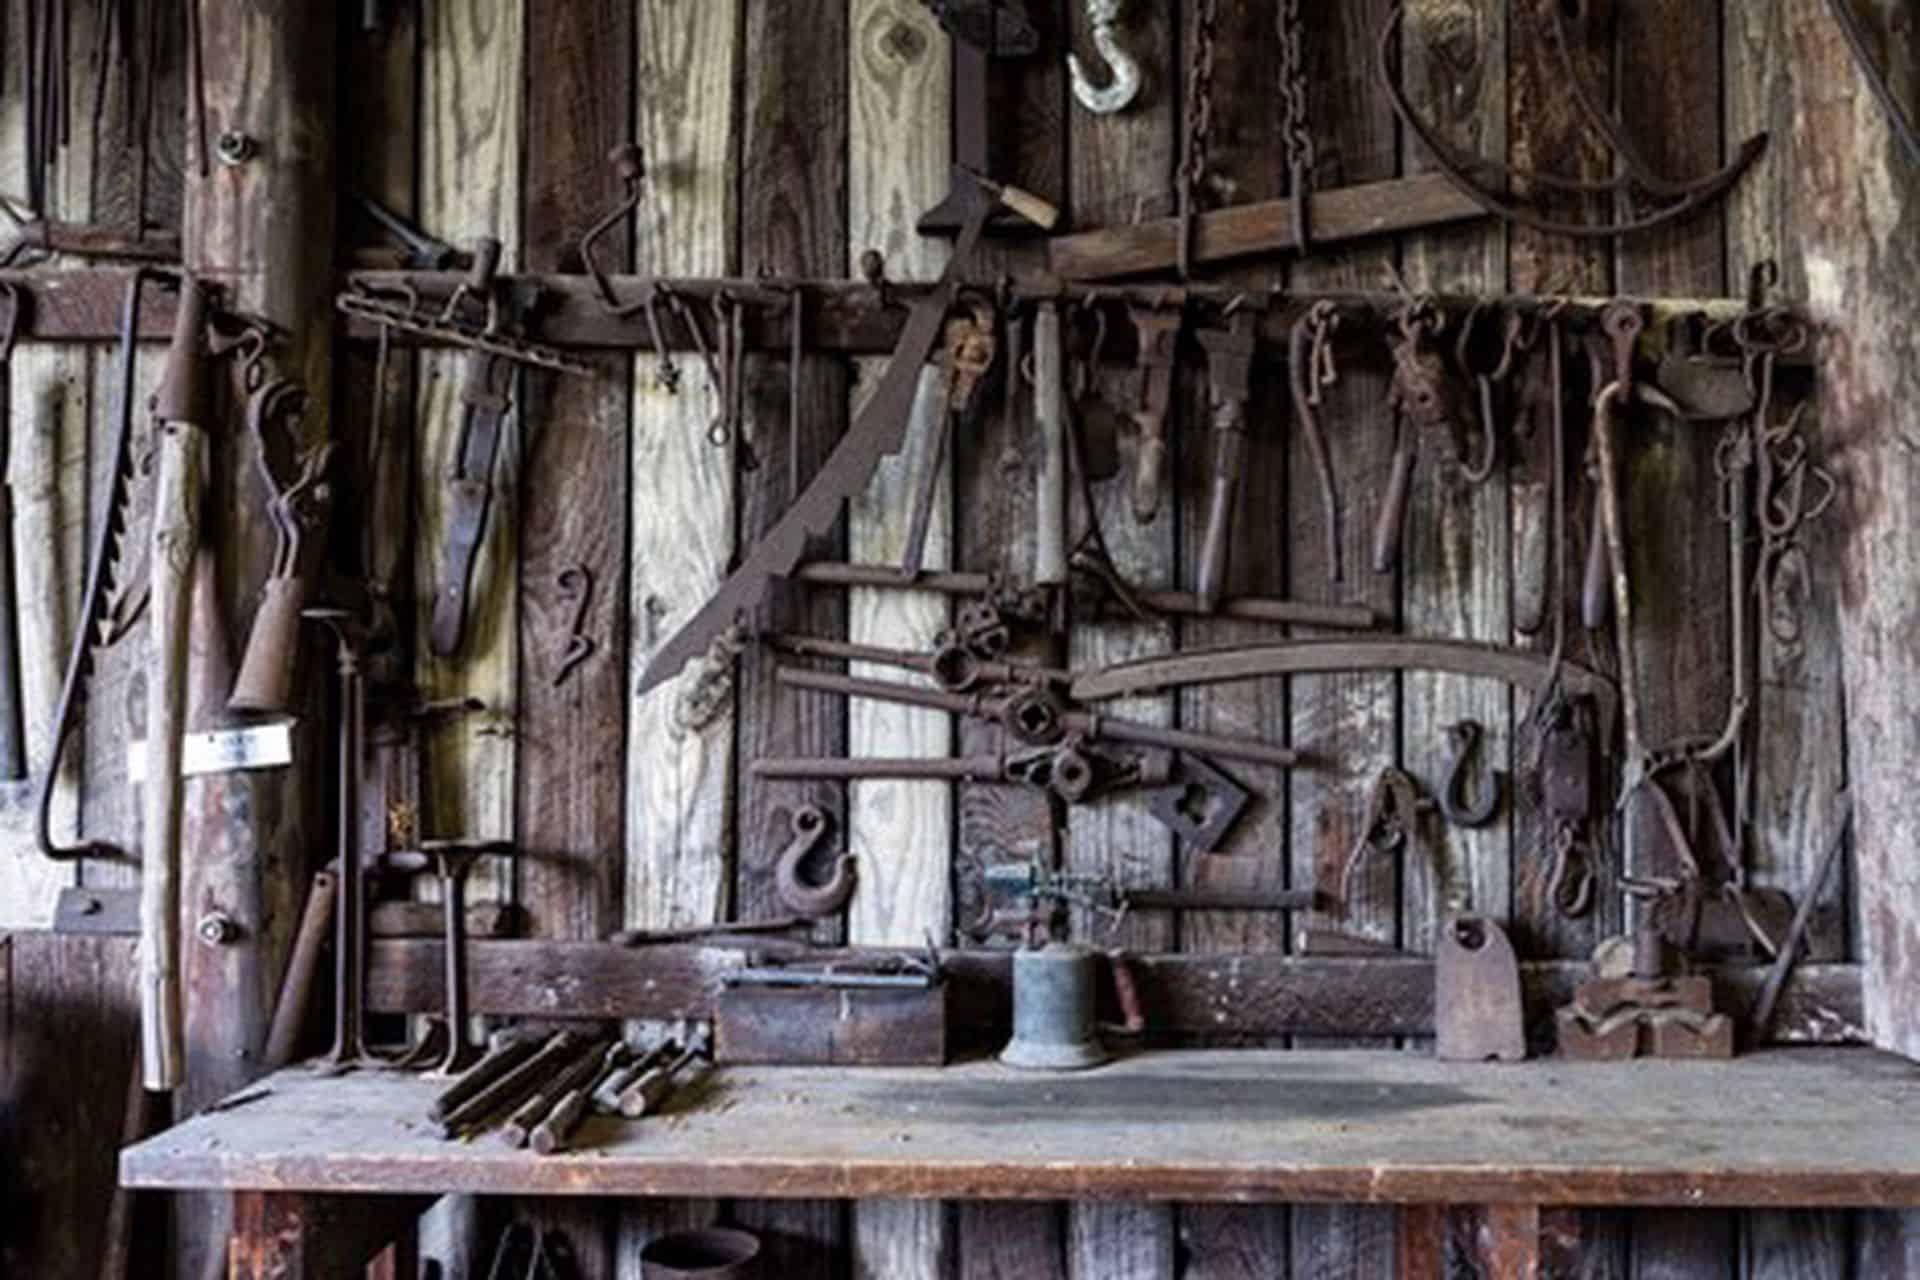 Paslı el aletleri nasıl temizlenir